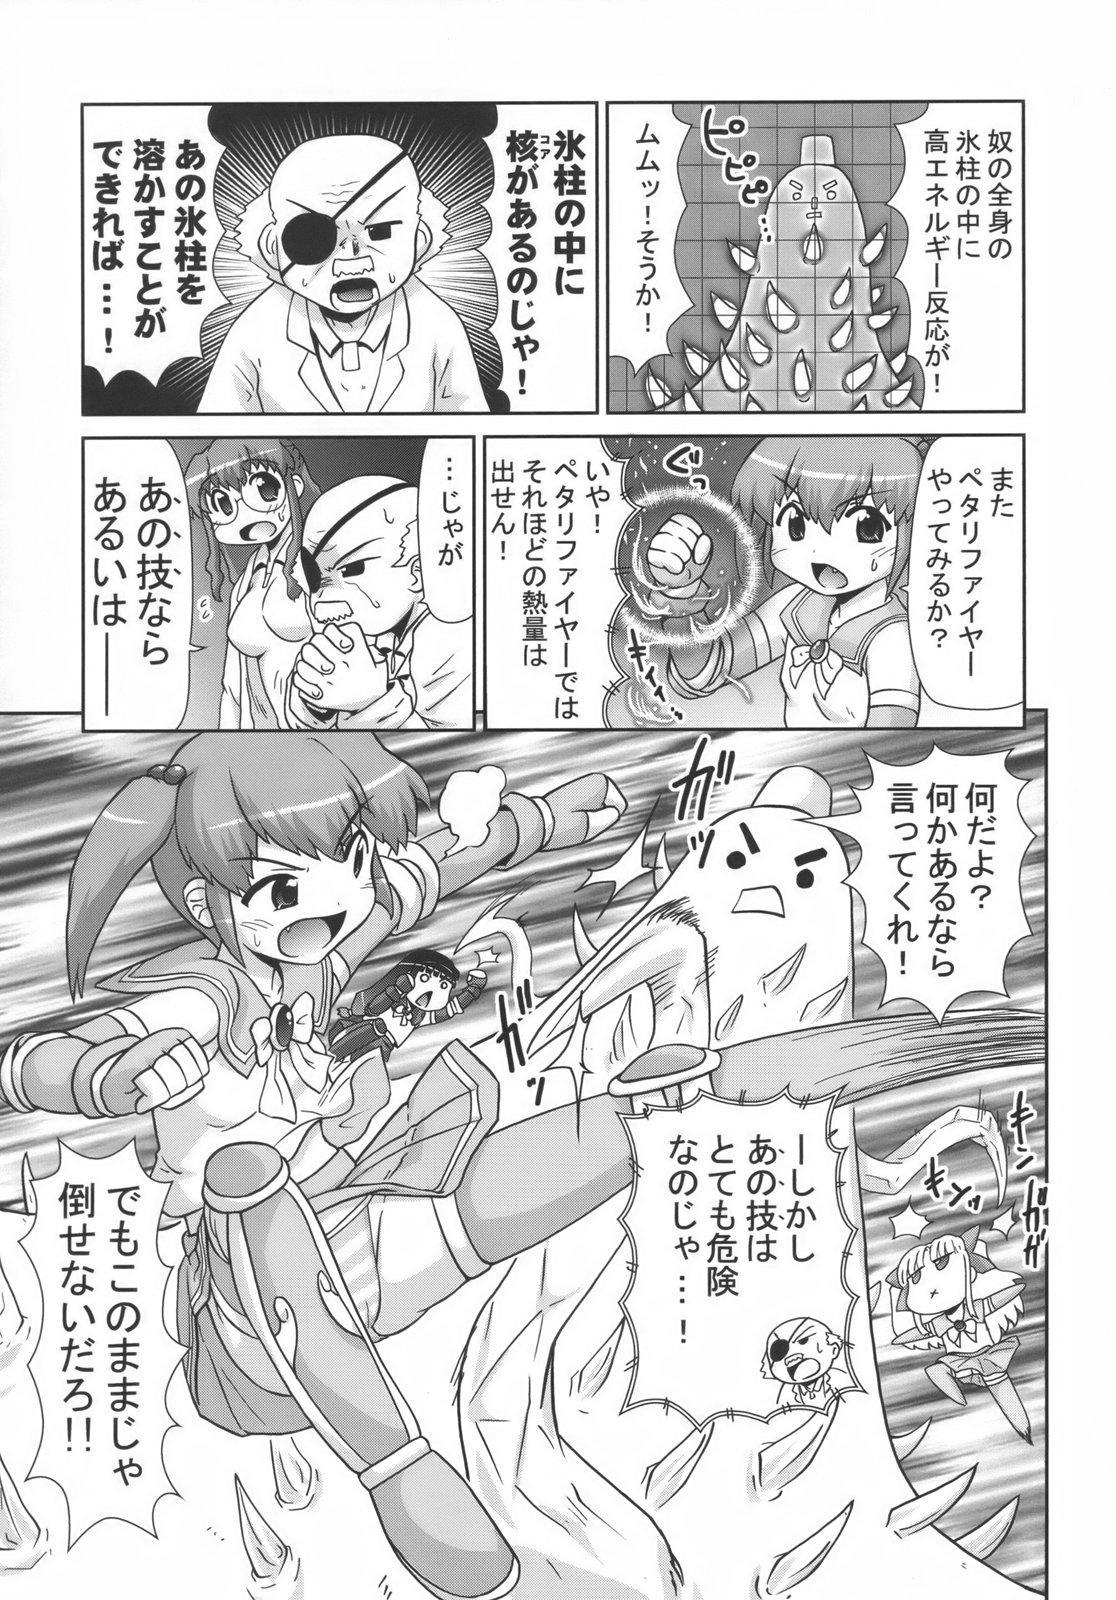 Bishoujo Sentai Petalicon gaiden 13